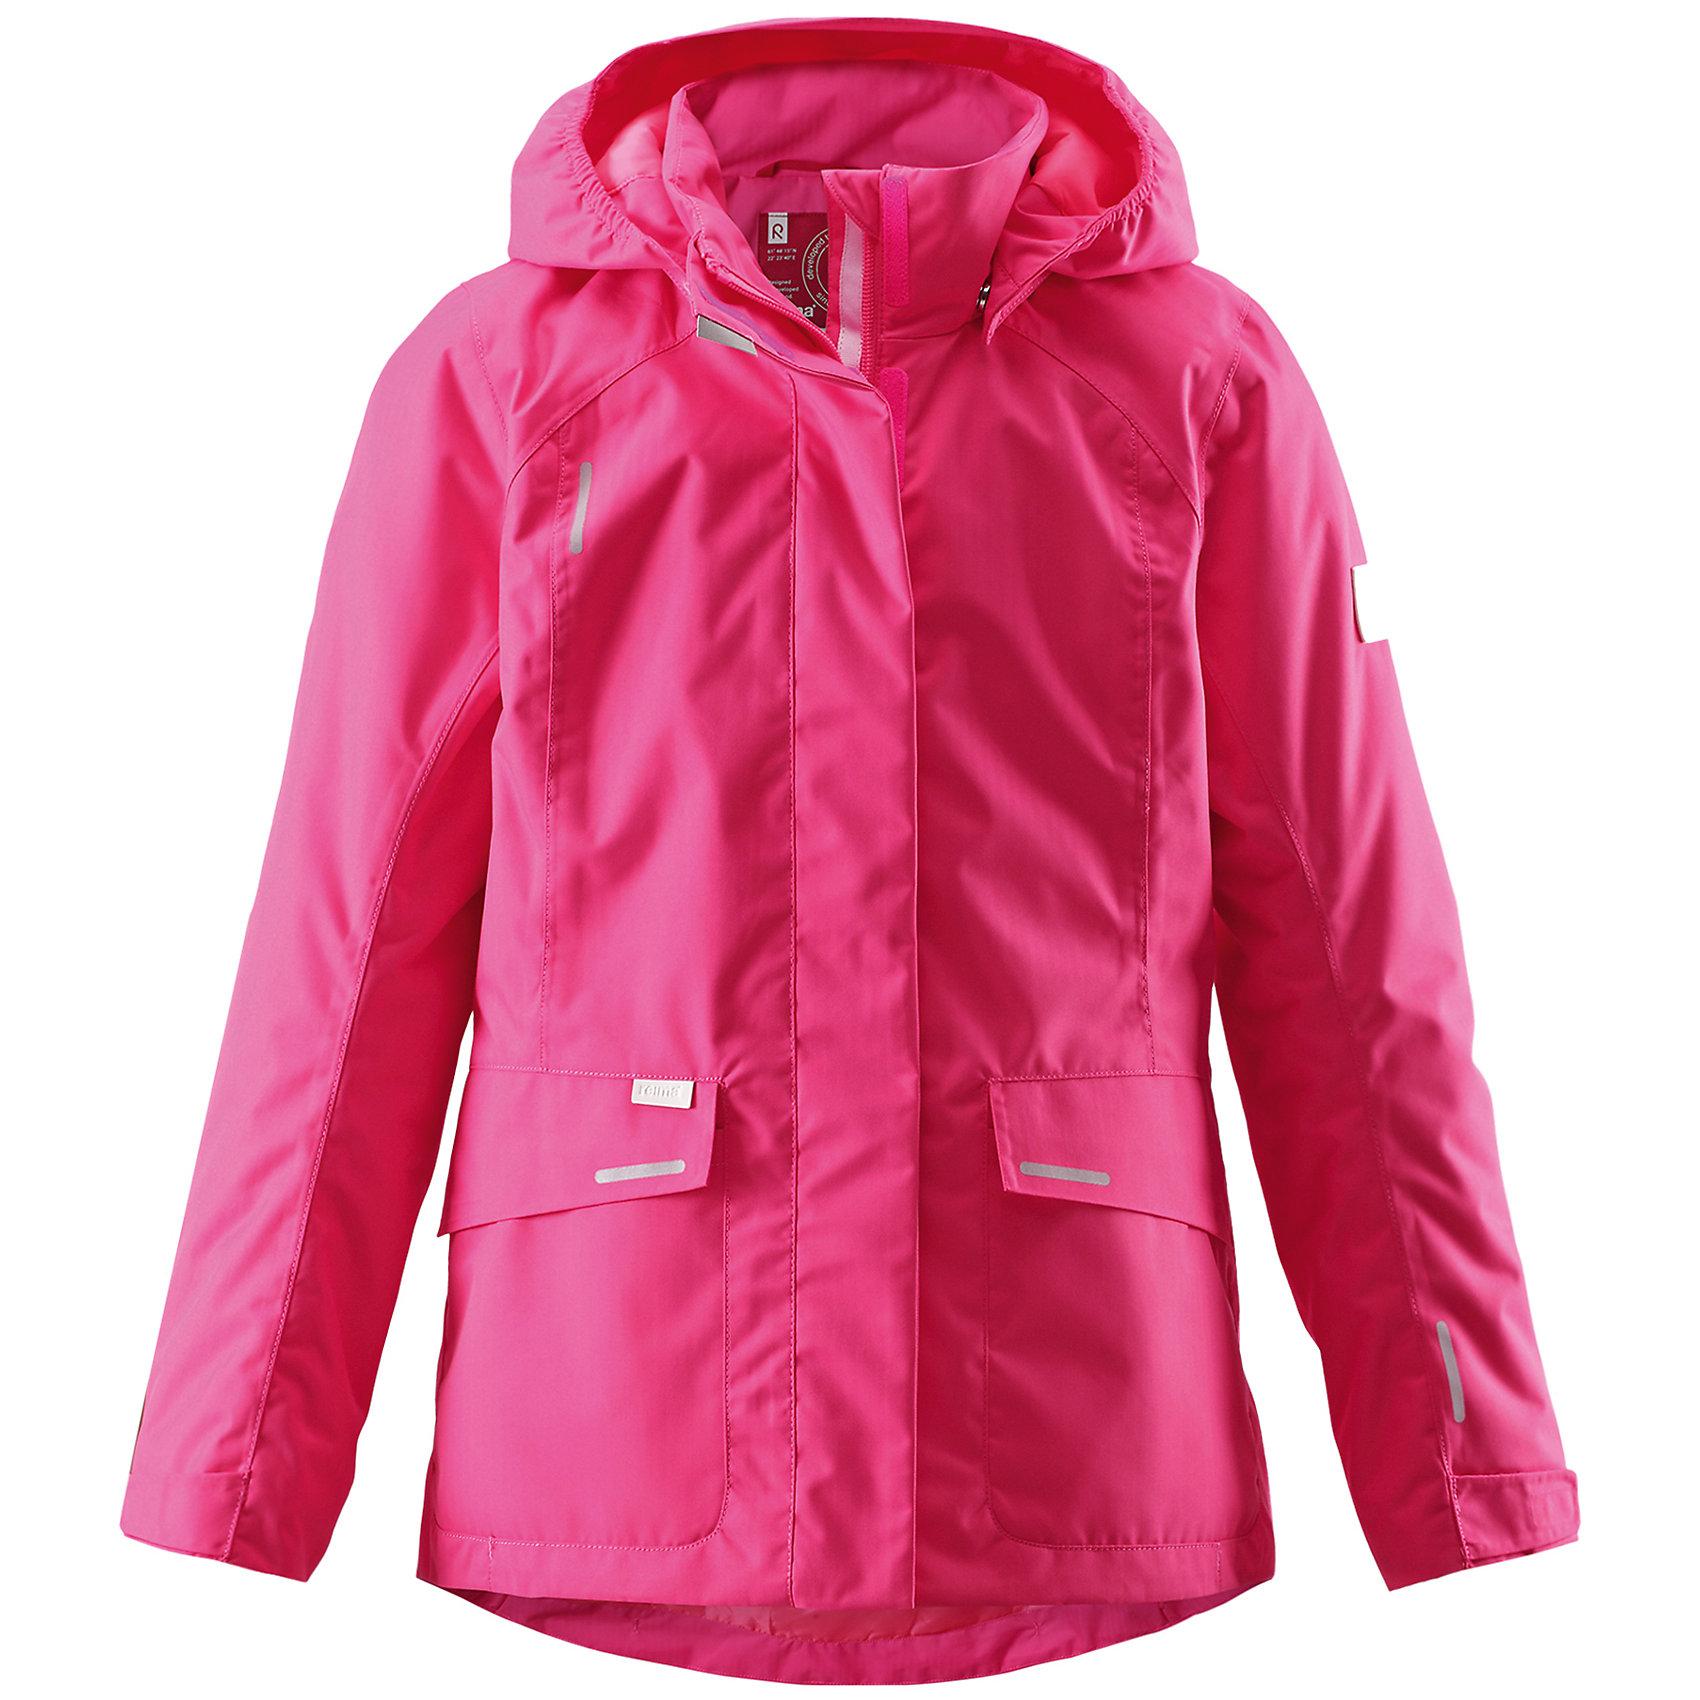 Куртка для девочки ReimaКуртка для девочки от финской марки Reima.<br>Куртка демисезонная для подростков. Основные швы проклеены и не пропускают влагу. Водоотталкивающий, ветронепроницаемый, «дышащий» и грязеотталкивающий материал. Легкая степень утепления. Безопасный, отстегивающийся и регулируемый капюшон. Регулируемые манжеты. Регулируемый обхват талии. Два прорезных кармана.<br>Состав:<br>100% ПЭ, ПУ-покрытие<br><br>Ширина мм: 356<br>Глубина мм: 10<br>Высота мм: 245<br>Вес г: 519<br>Цвет: розовый<br>Возраст от месяцев: 48<br>Возраст до месяцев: 60<br>Пол: Женский<br>Возраст: Детский<br>Размер: 110,104,140,134,116<br>SKU: 4653224